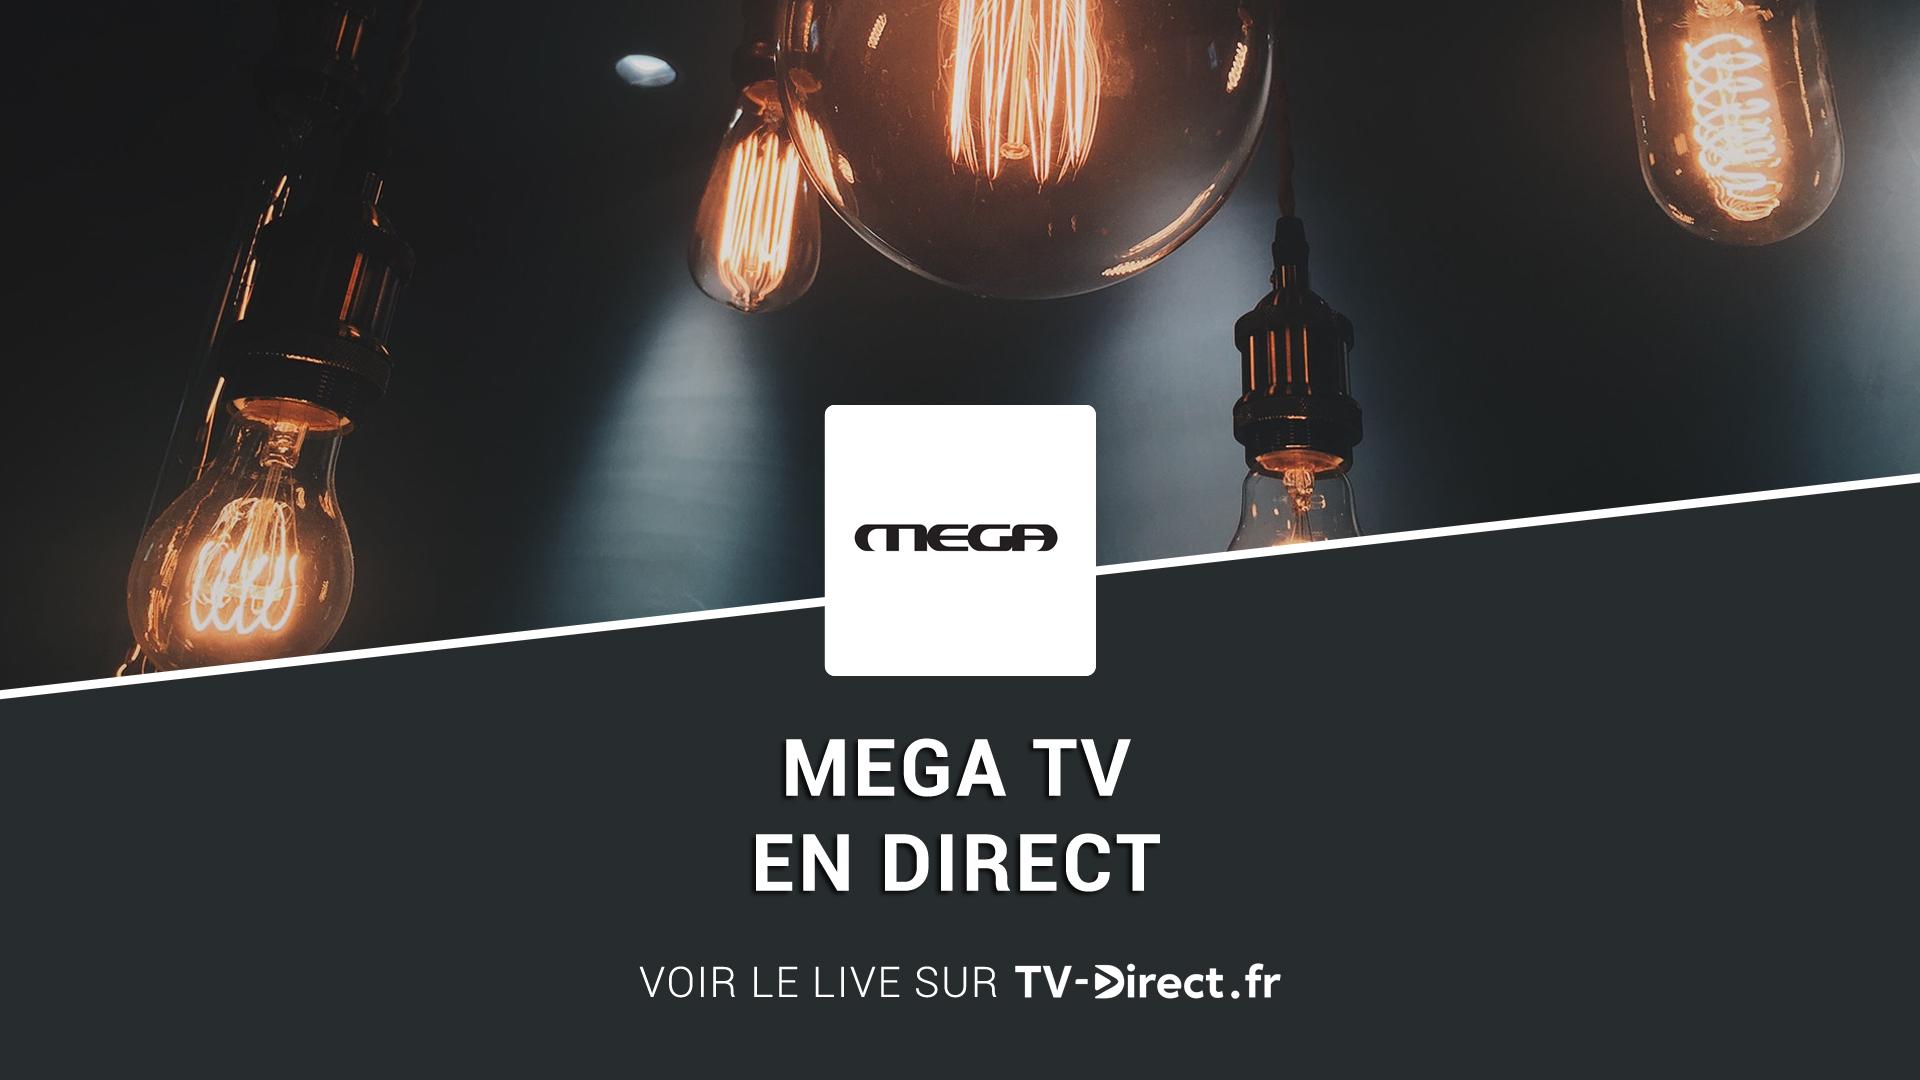 mega tv direct regarder mega tv en direct live sur internet. Black Bedroom Furniture Sets. Home Design Ideas